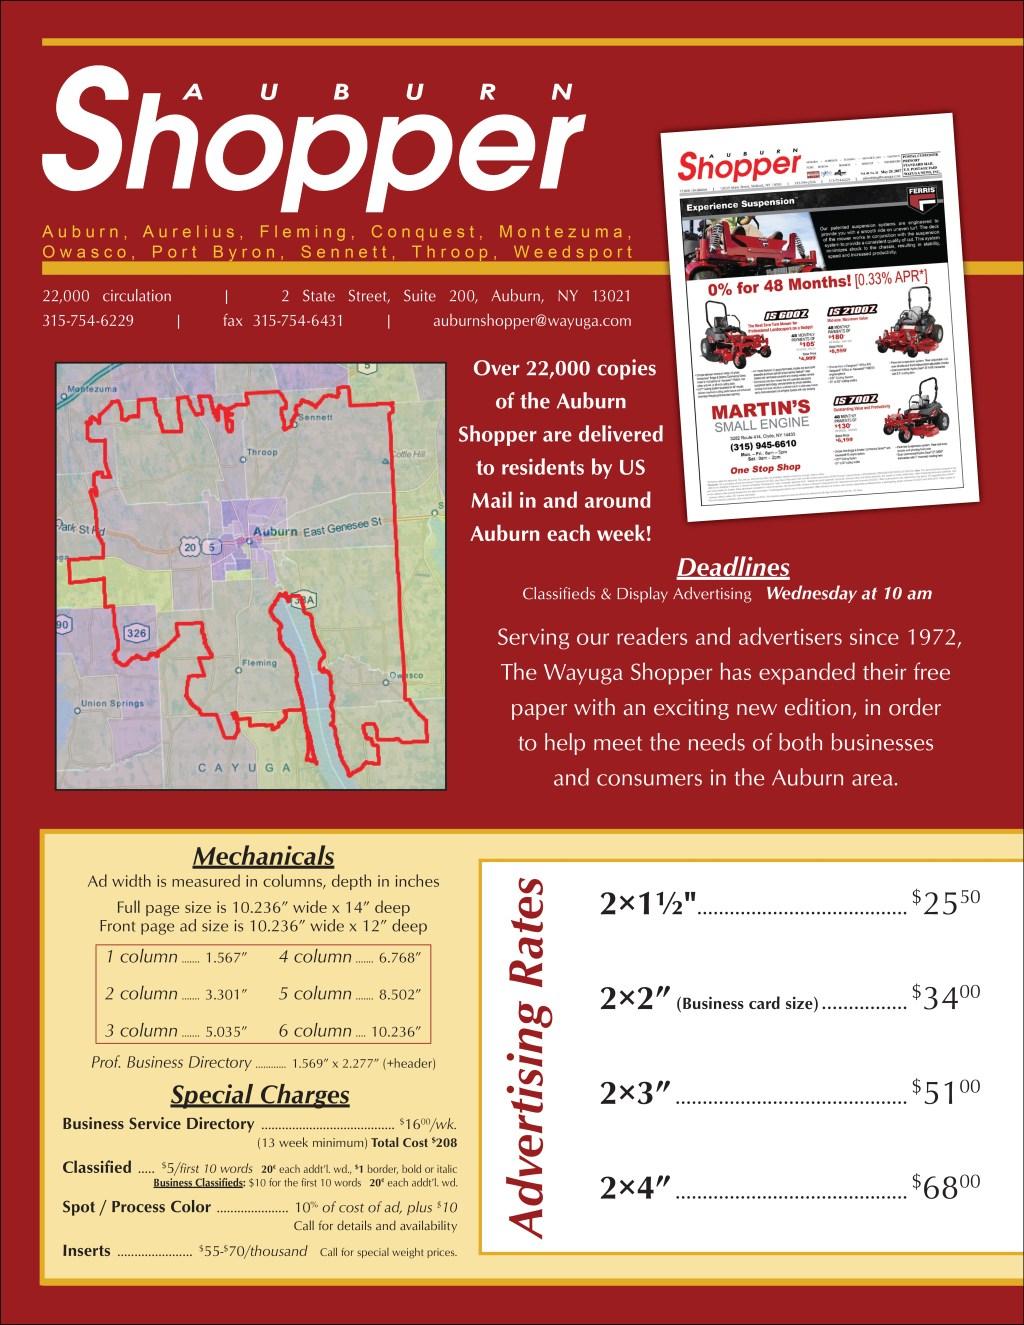 Auburn Shopper Info Flyer2.jpg